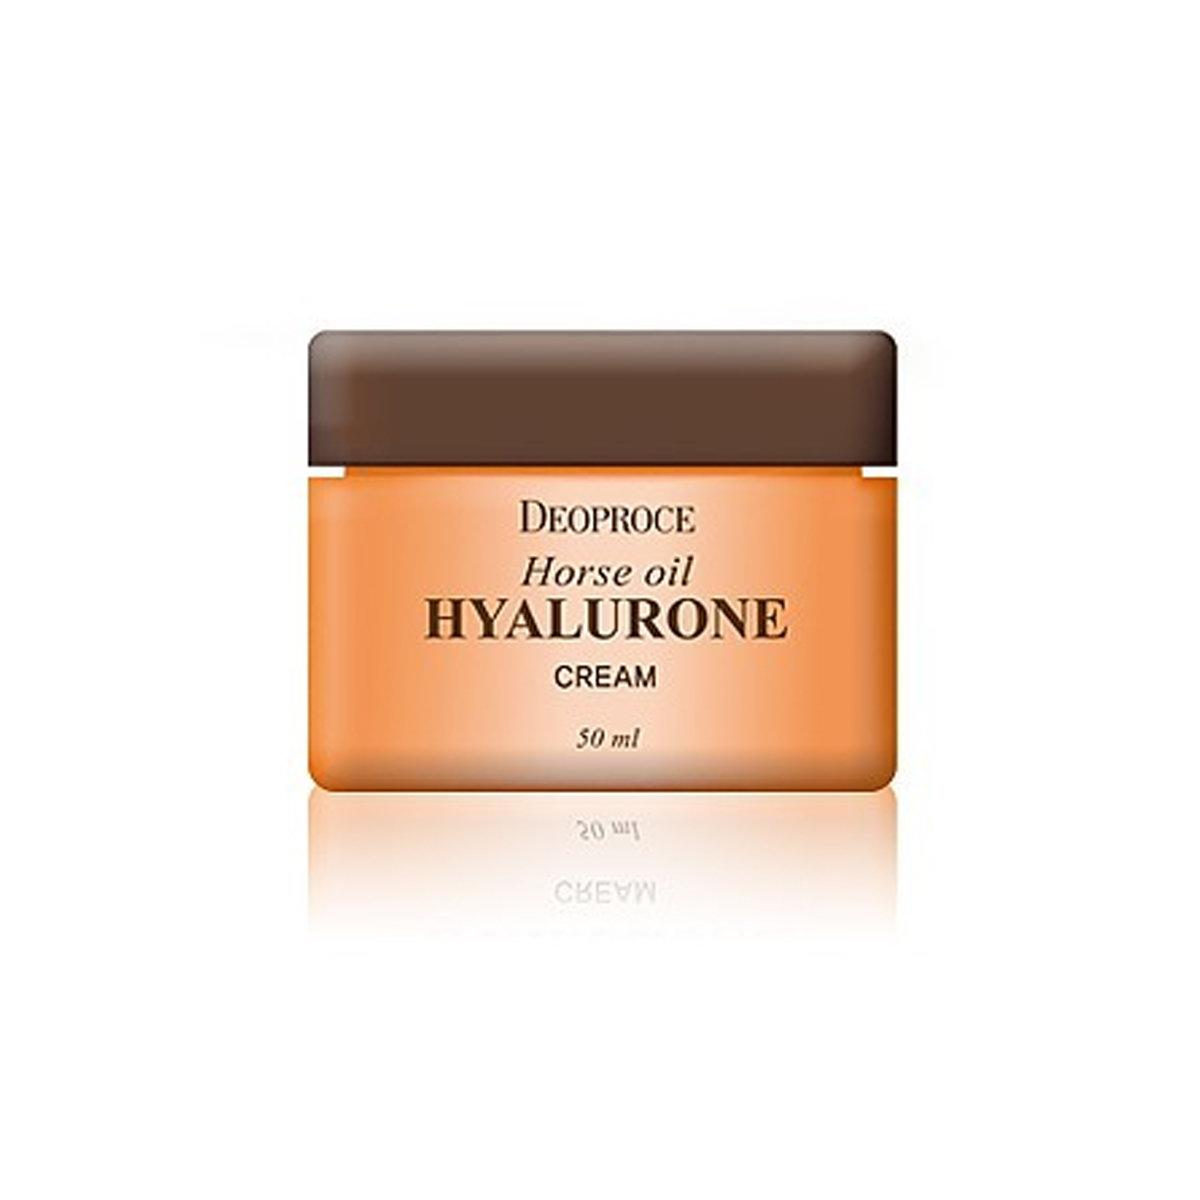 Крем для лица с гиалуроновой кислотой и лошадиным жиром Deoproce Horse Oil Hyalurone Cream (50 мл)